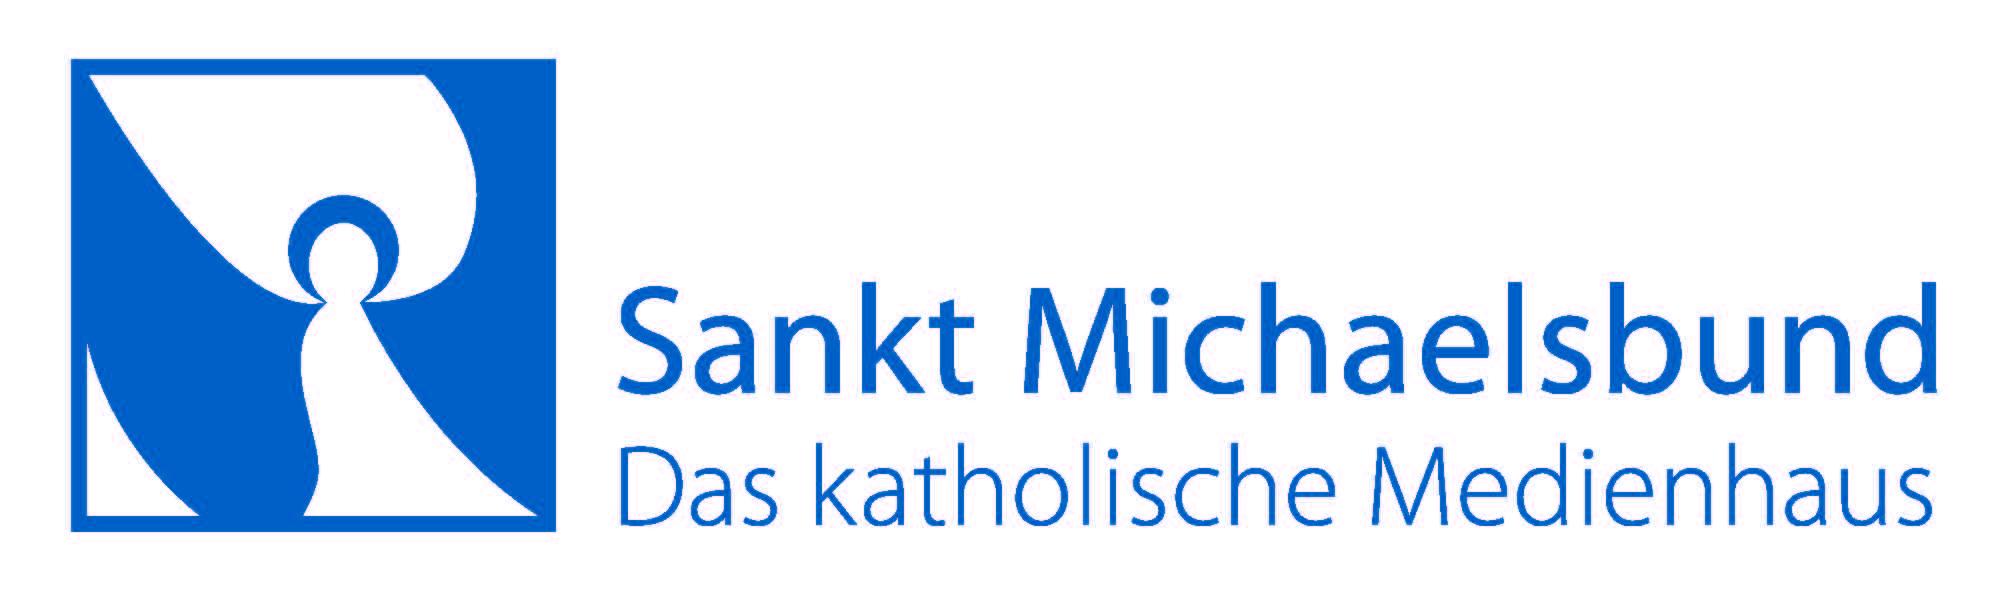 Sankt Michaelsbund